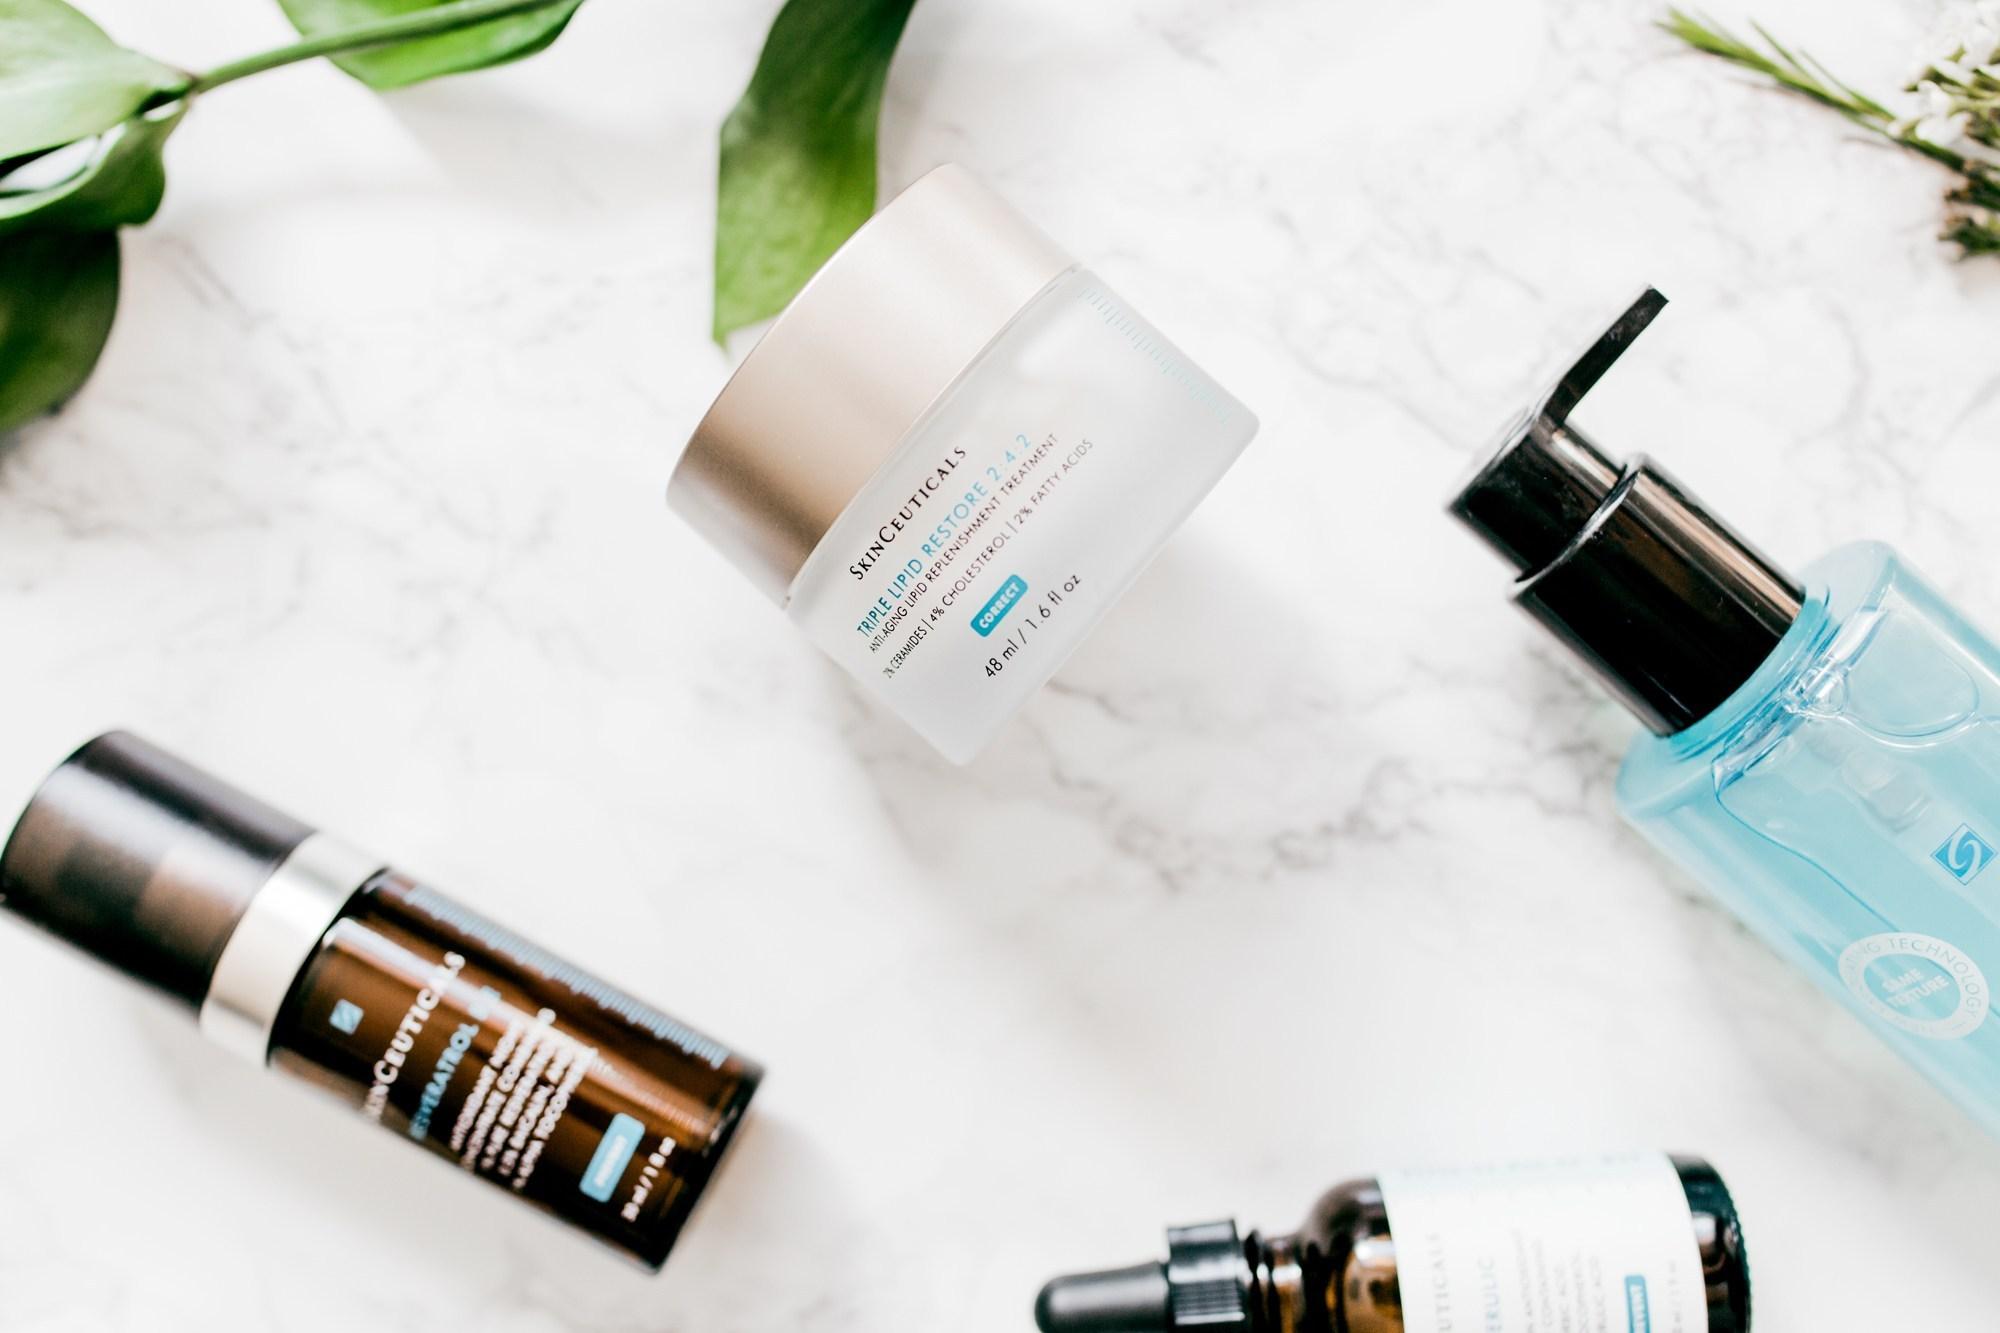 Профилактика, защита и лечение кожи: SkinCeuticals